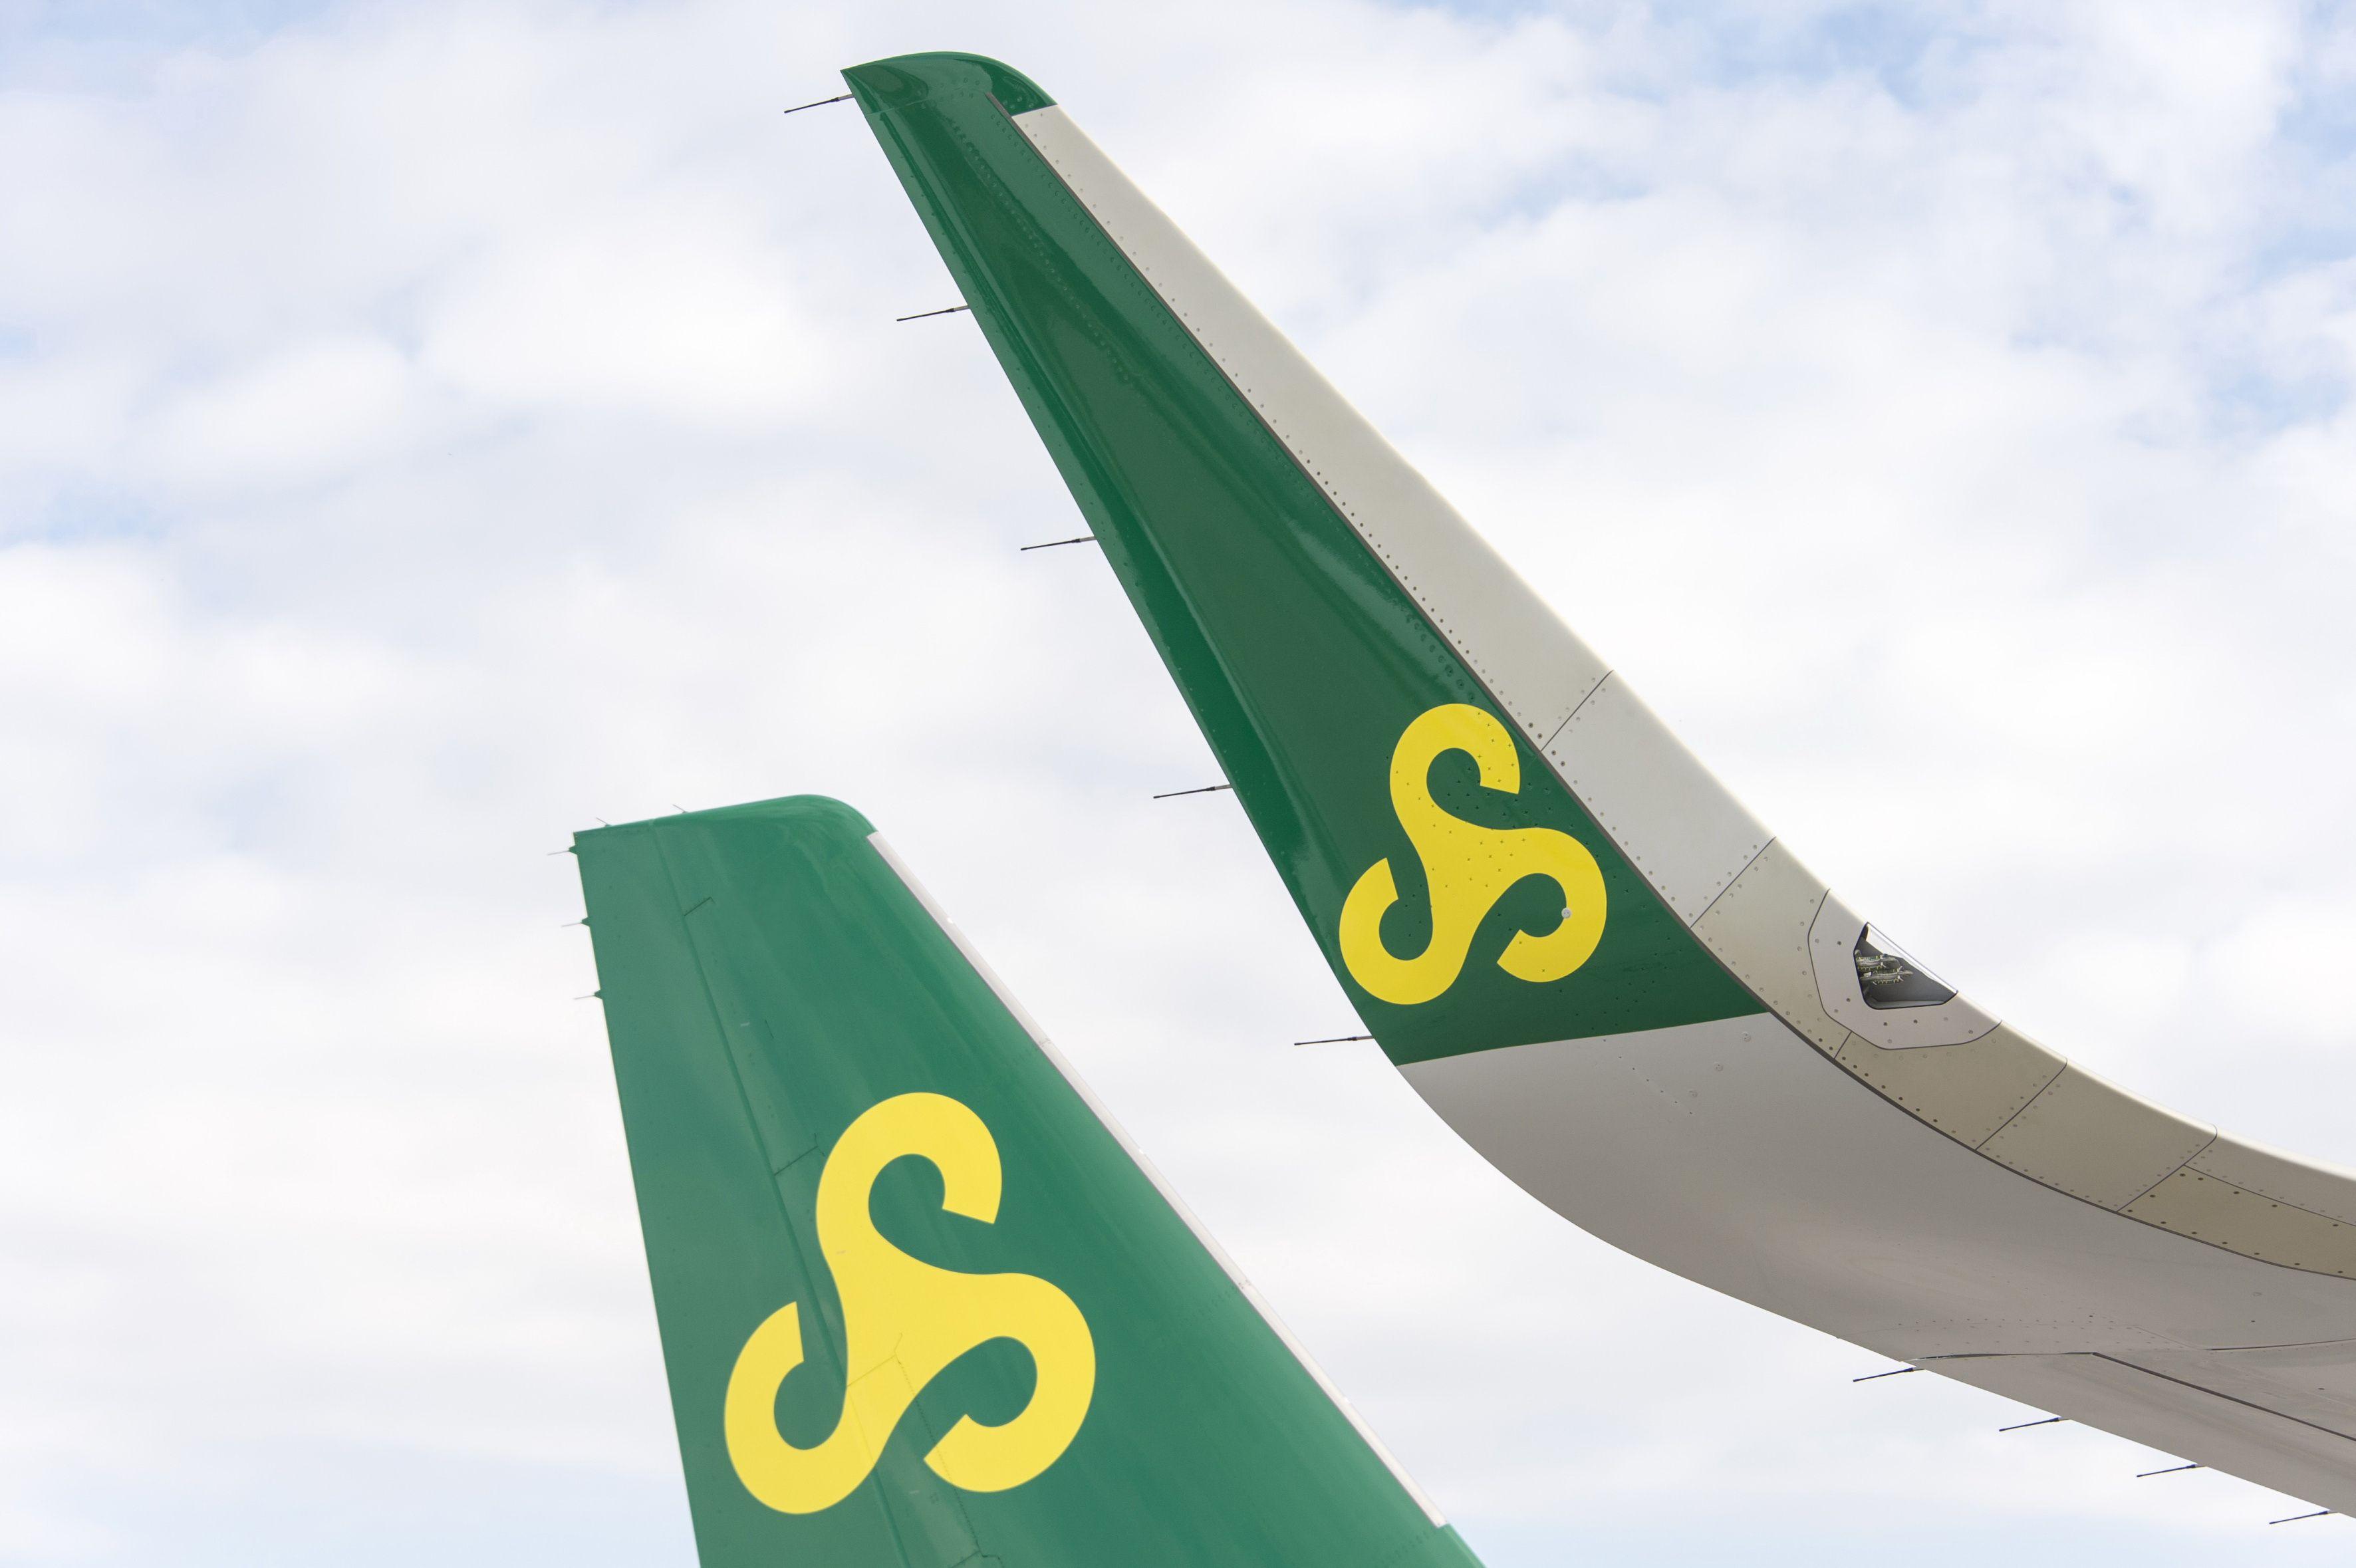 フィジー・エアウェイズ、国際線の運休を7月末まで延長